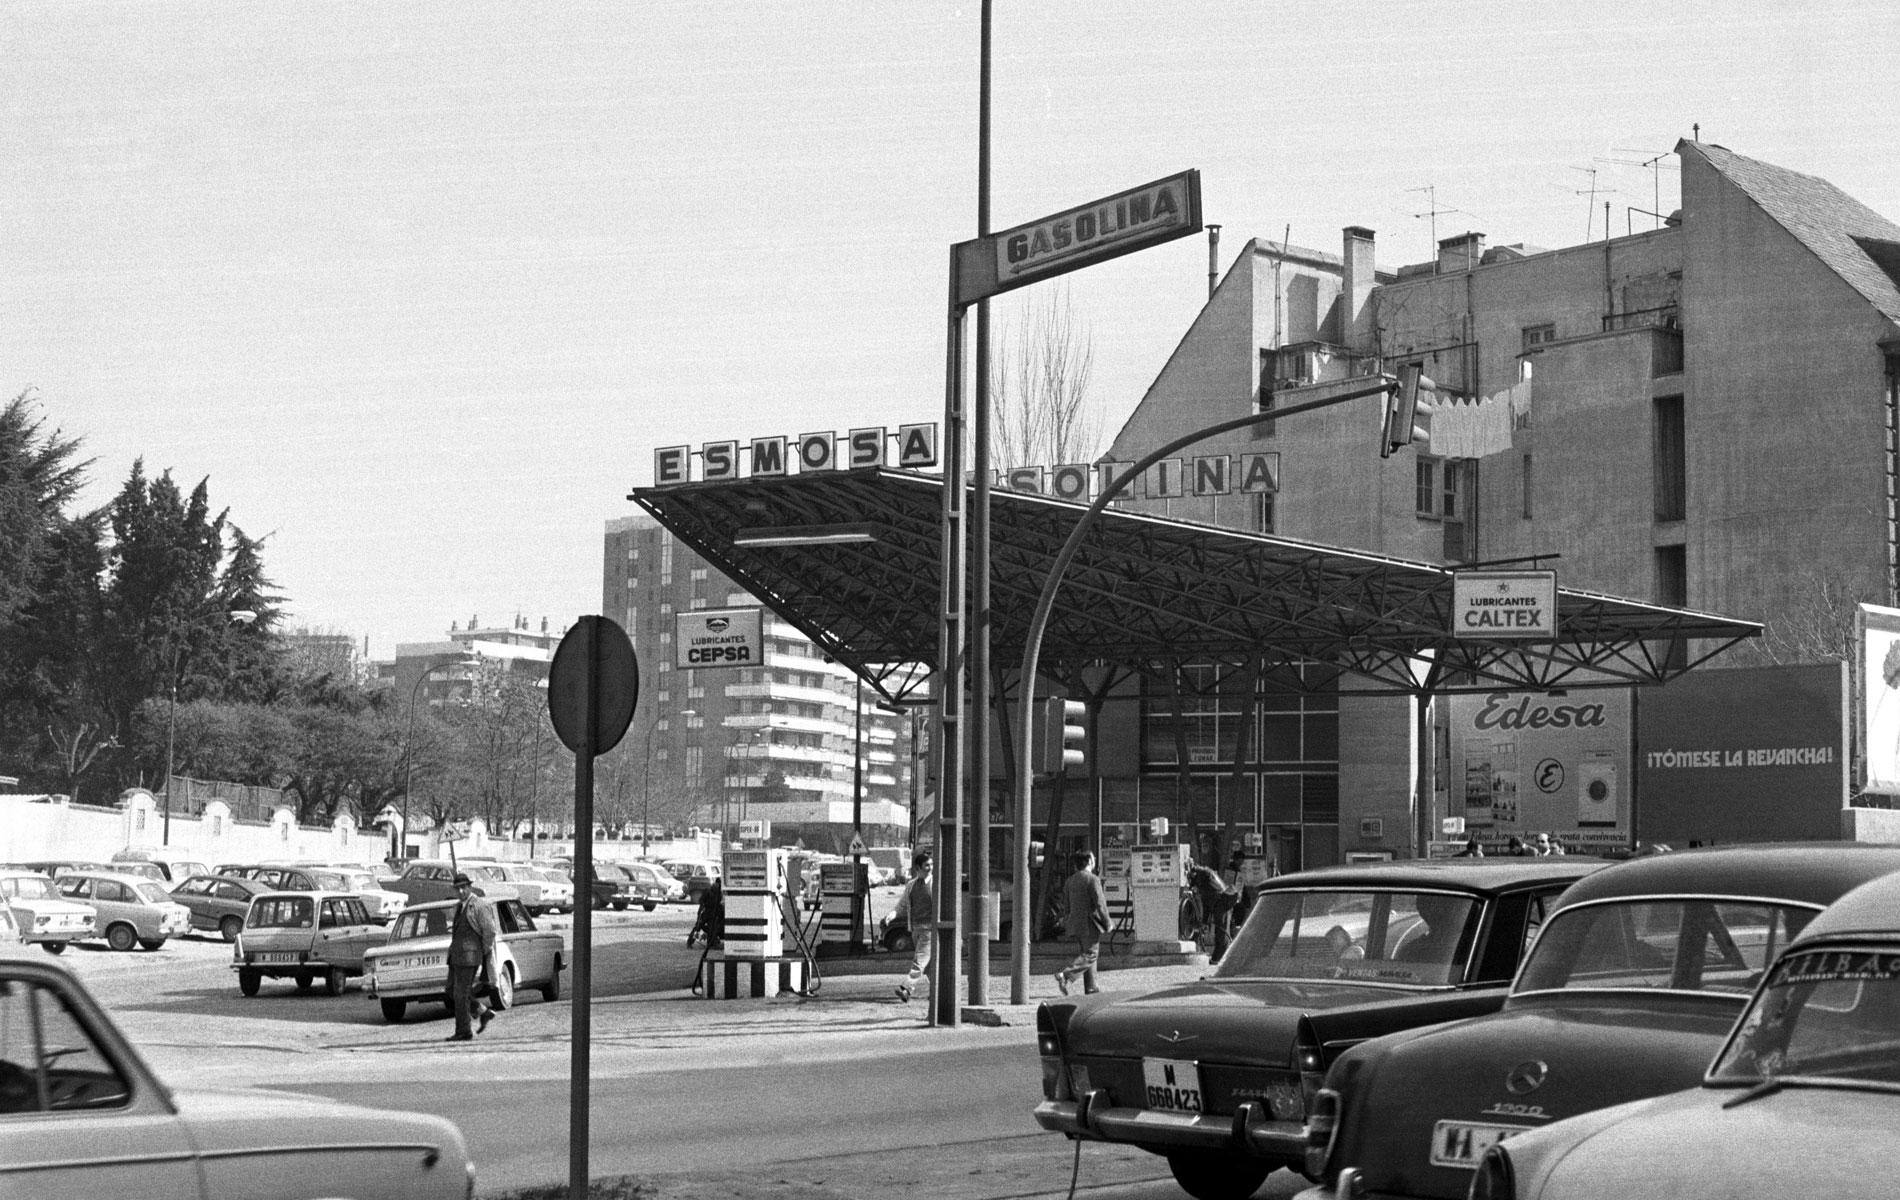 El precio de la gasolina, uno de los problema que más preocupaban a los españoles en 1978